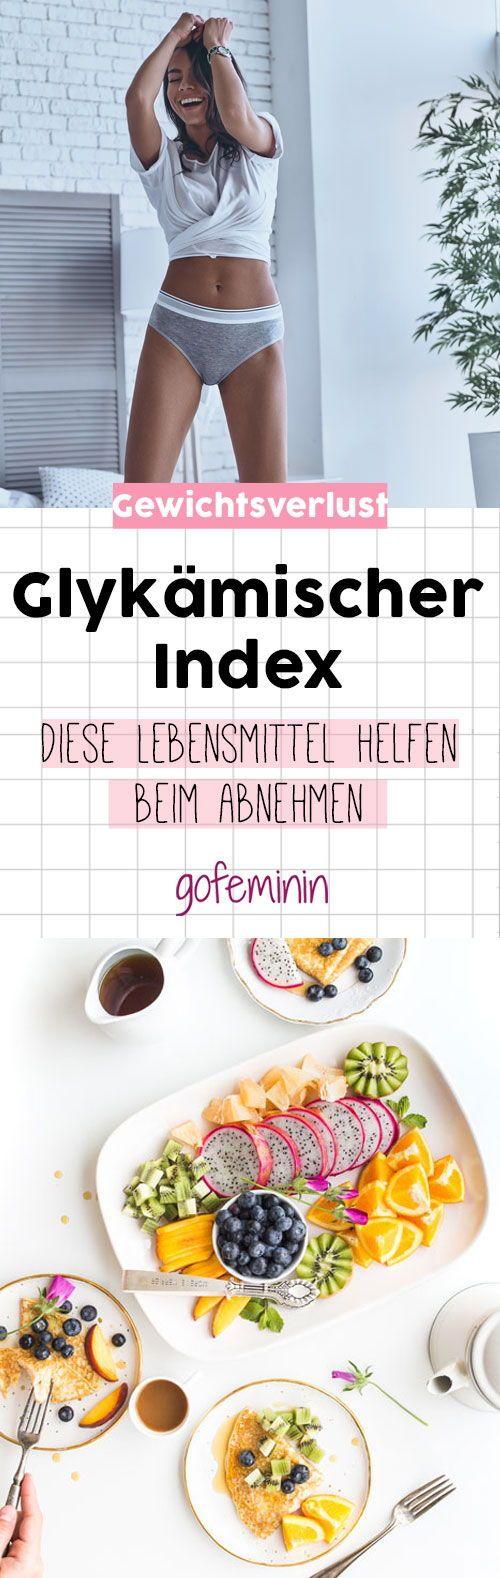 Mit dem glykämischen Index soll die Lust auf Süßes, Fast Food und Co. verhindert werden und damit überschüssige Pfunde verschwinden. #abnehmen #gewichtsverlust #diaet #glykaemischerindex